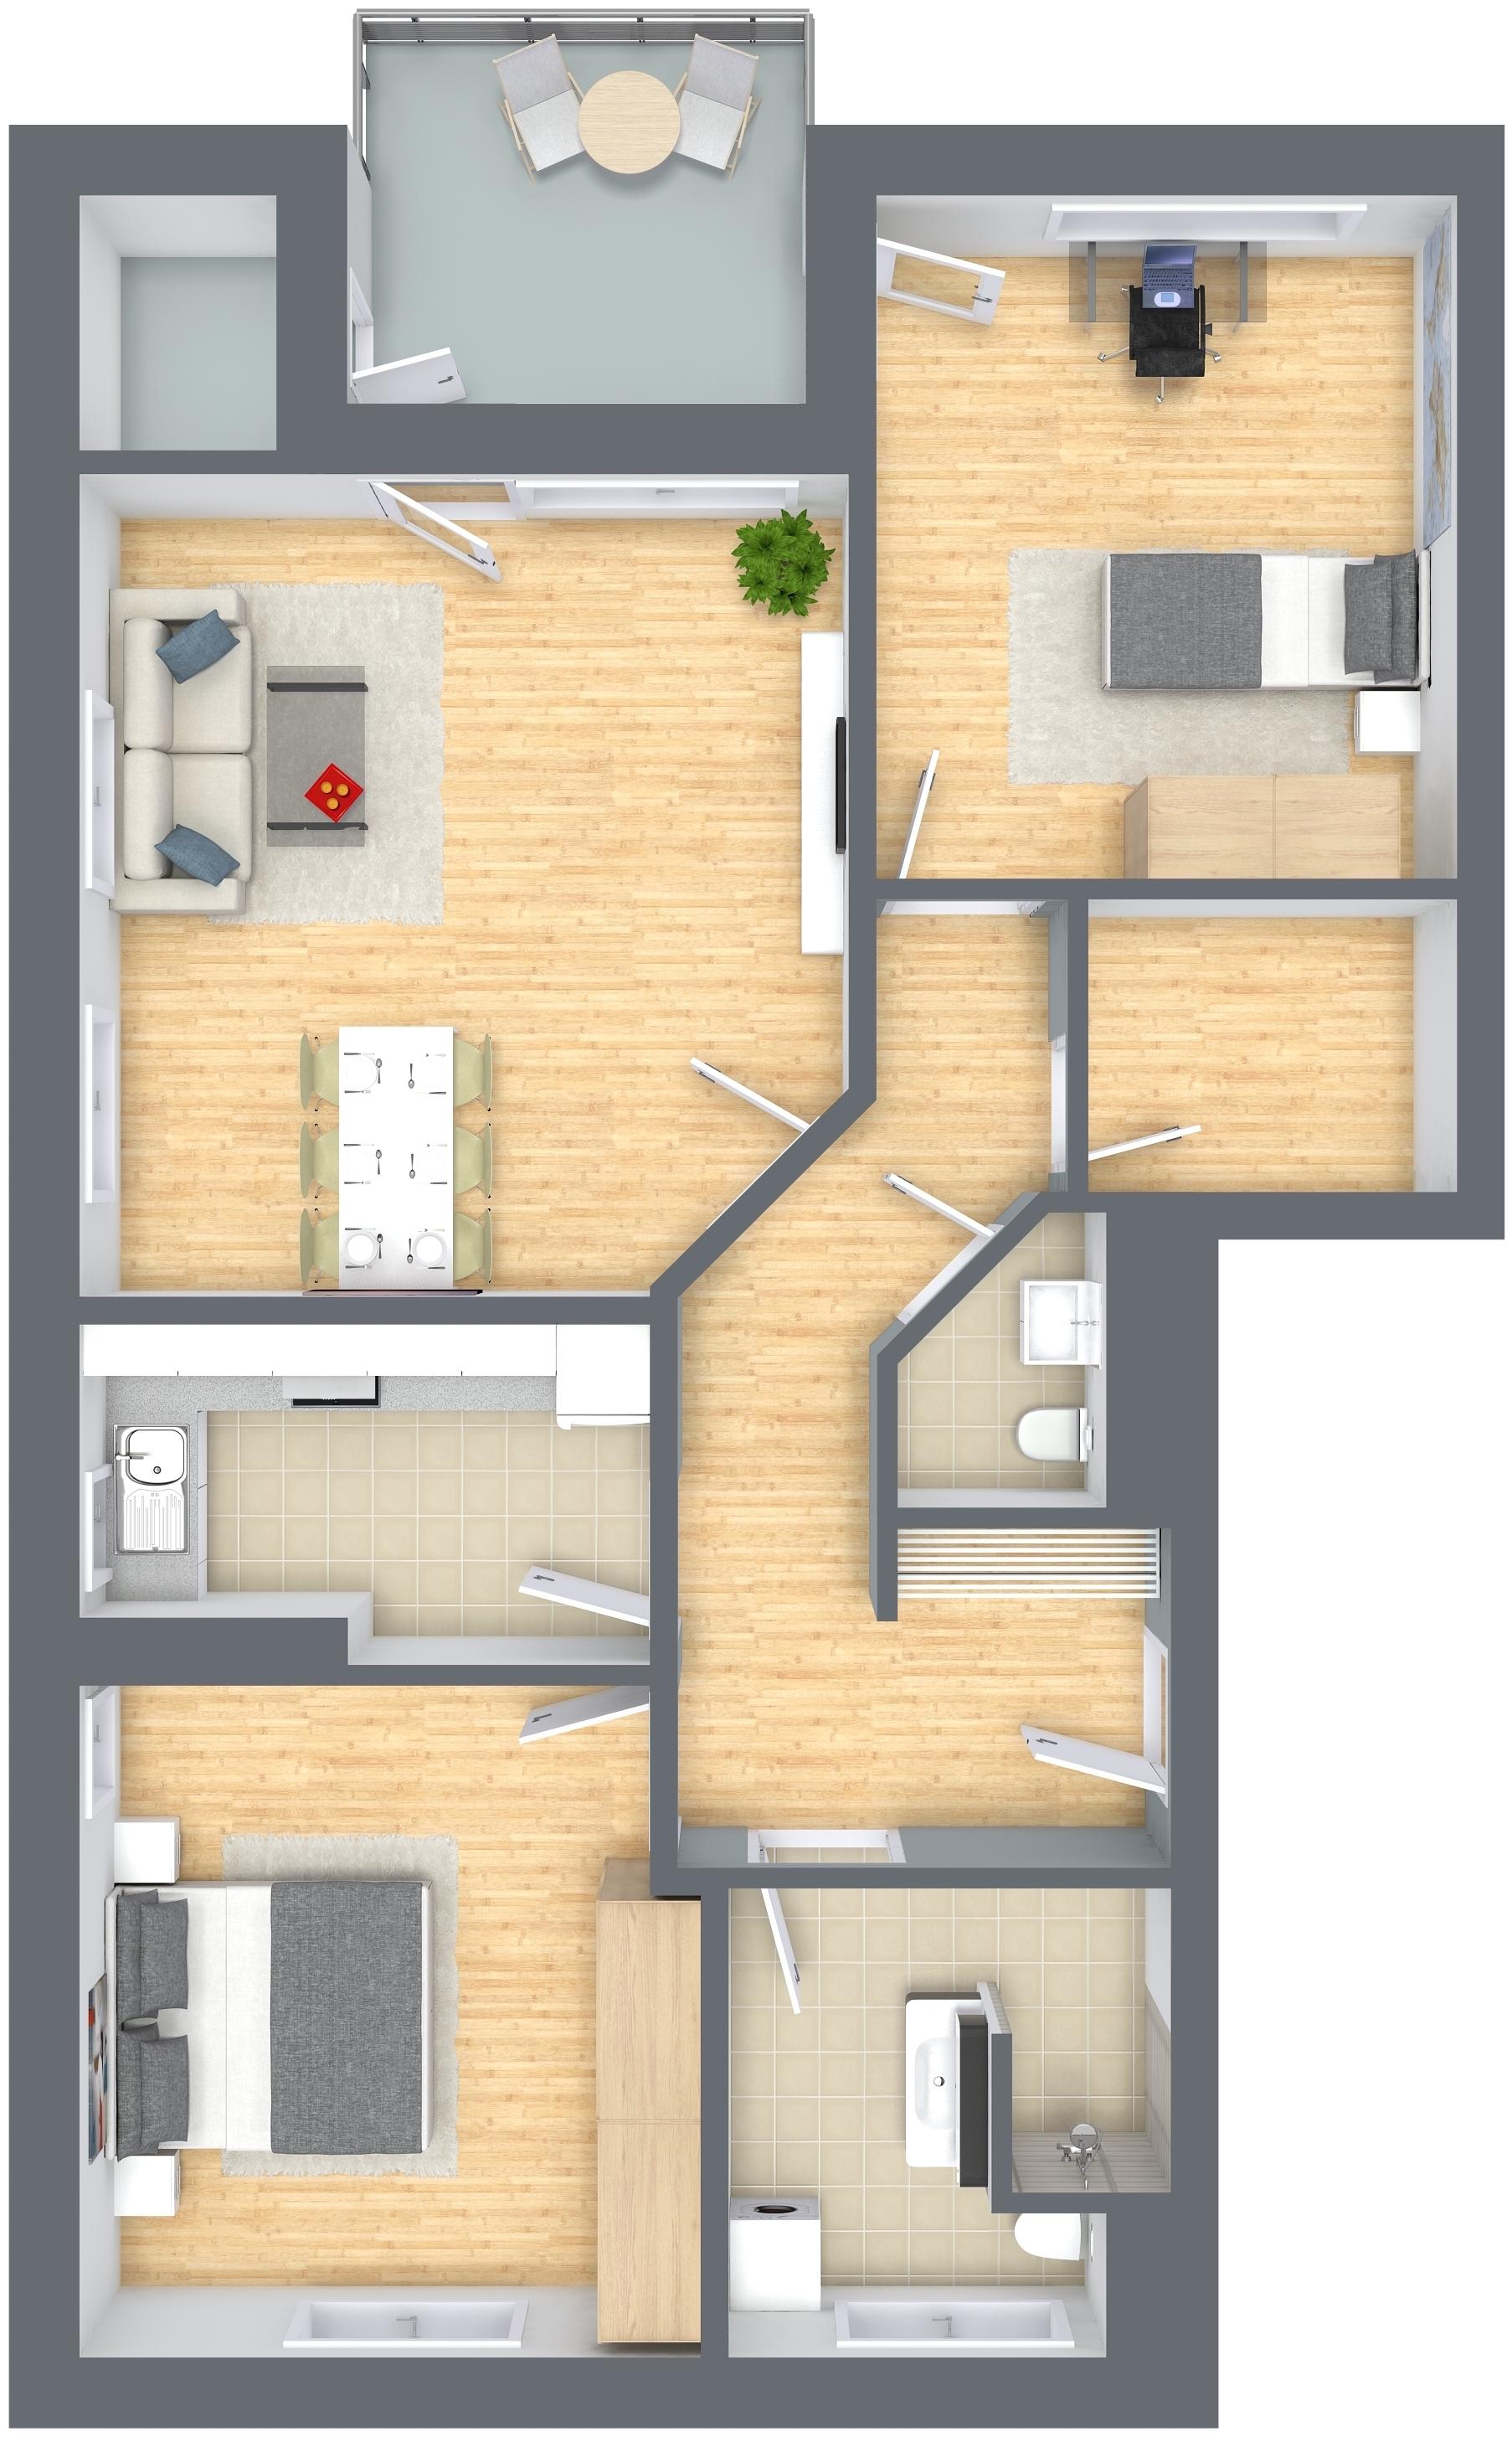 der klassiker in gro a7 oliver klenz der immobilienprofi. Black Bedroom Furniture Sets. Home Design Ideas